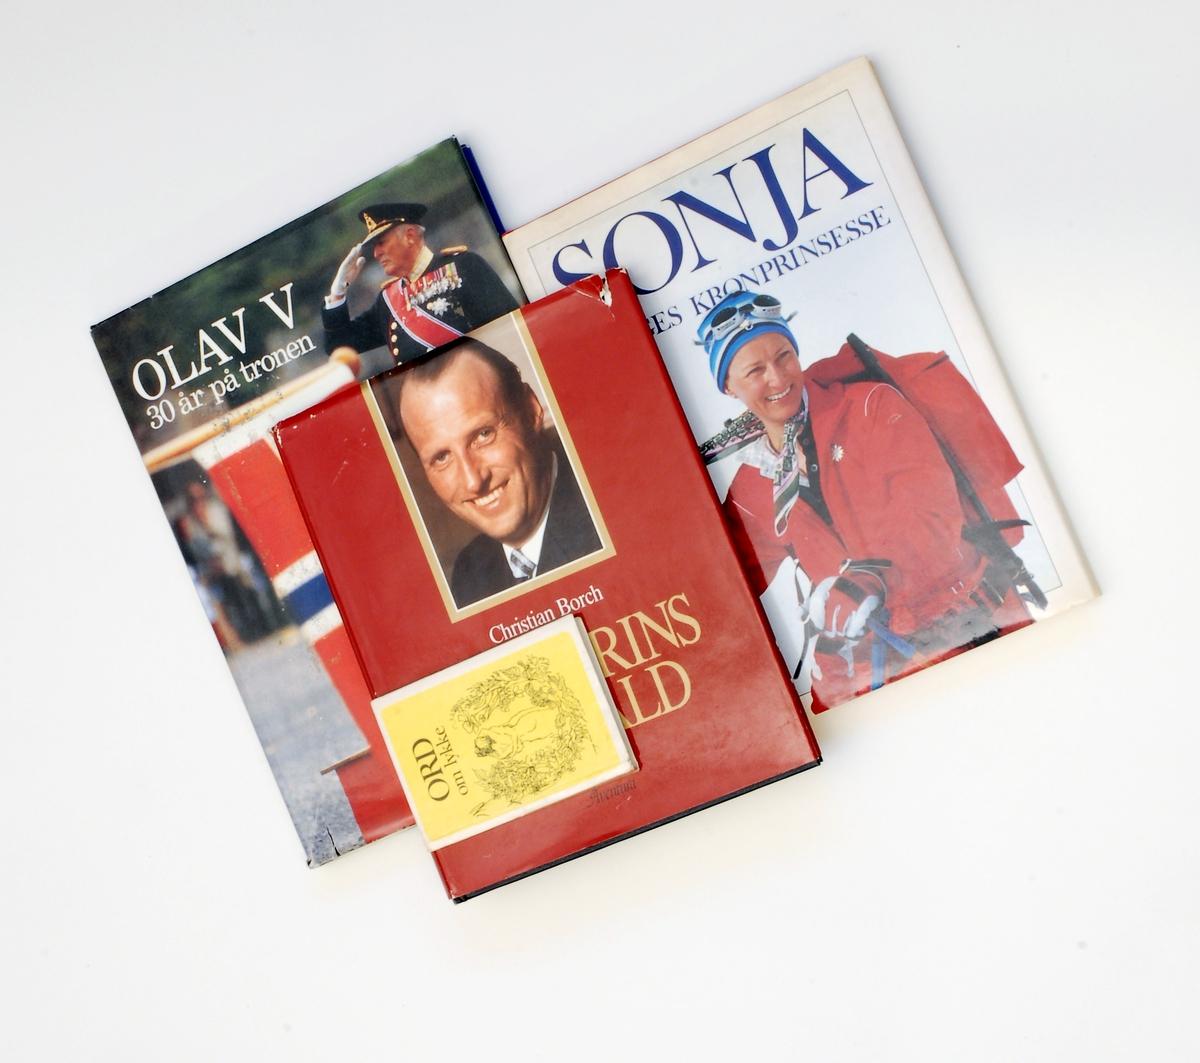 """1 stk """"Ord om lykke"""" pluss 3 stk biografiar """"Kronprins Harald"""", """"Sojna - Norges kronprinsesse"""" og """"Olav V - 30 år på tronen"""""""